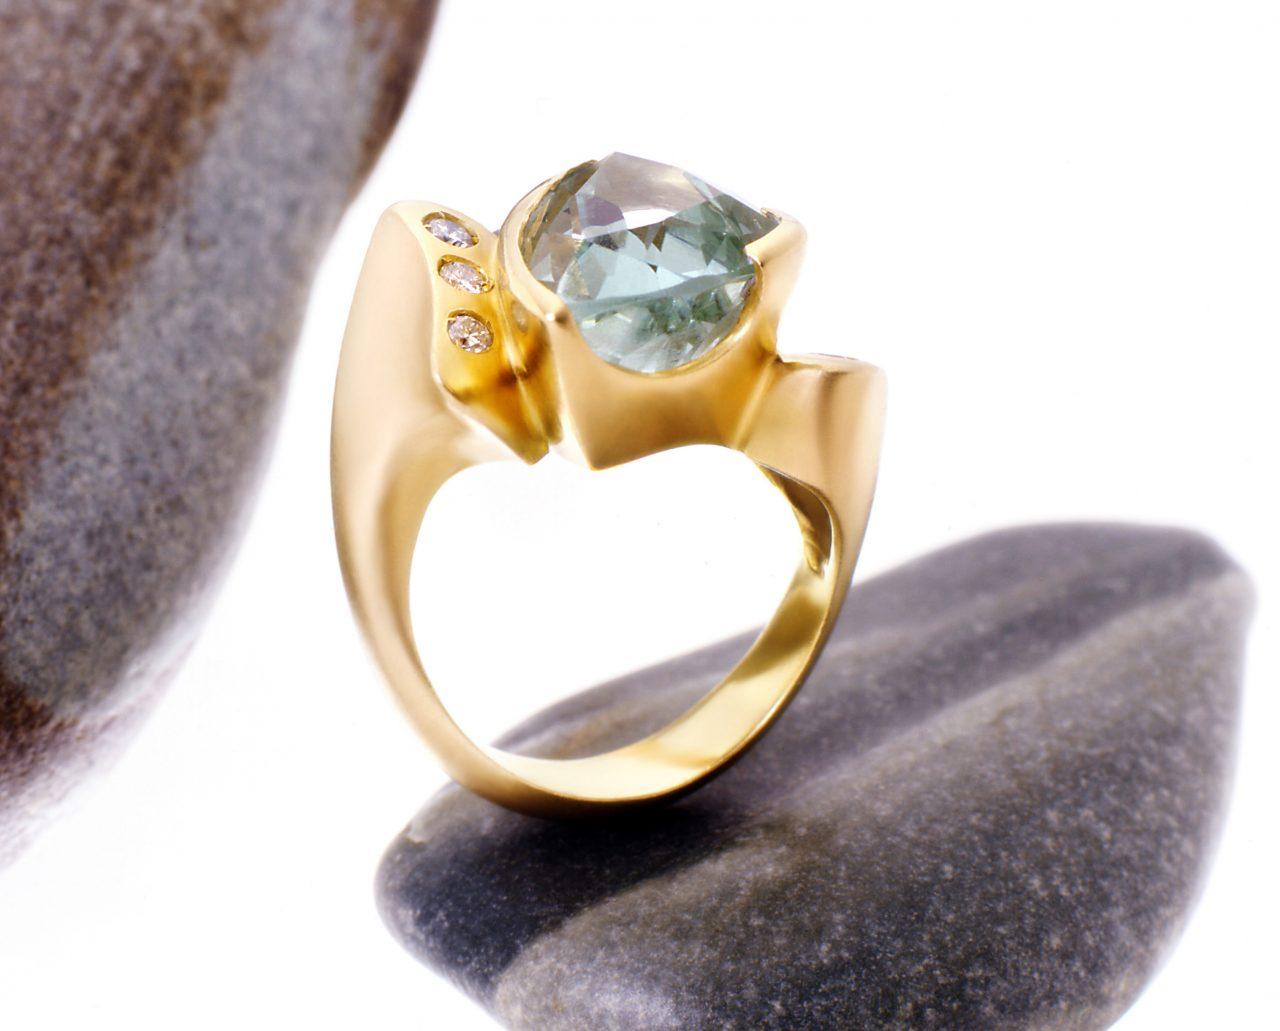 foto di anello in berillio